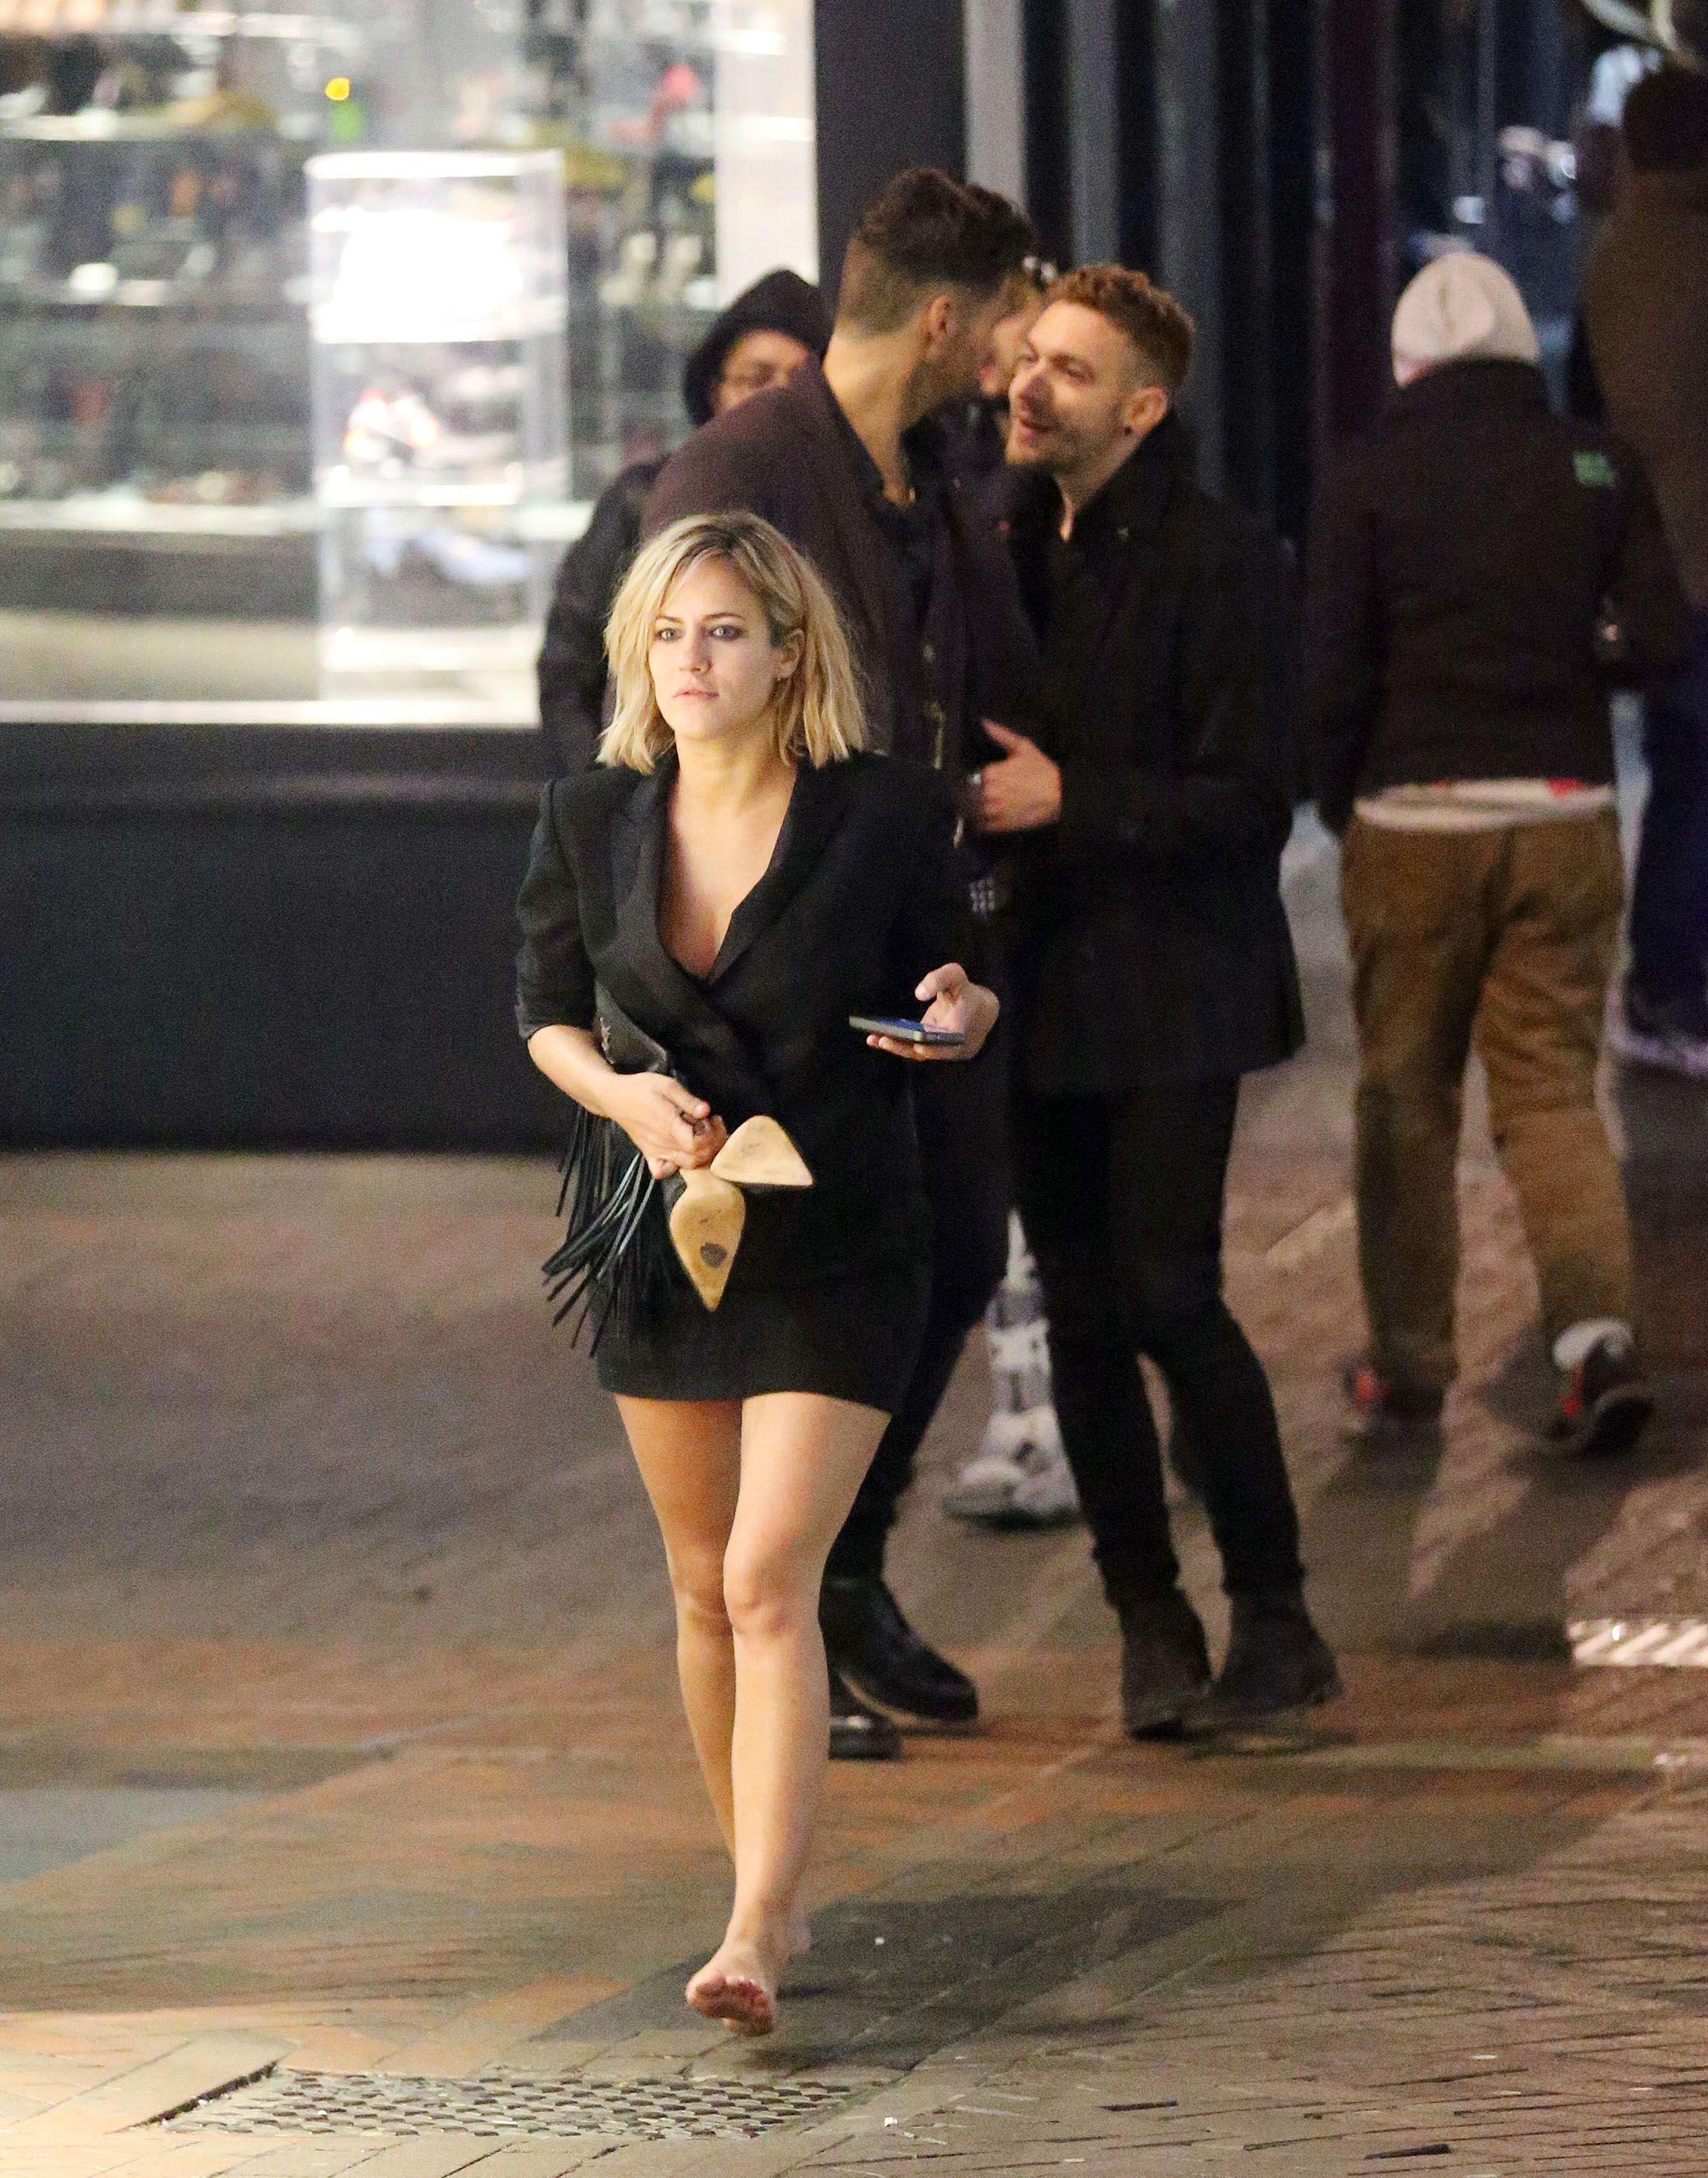 https://pics.wikifeet.com/Caroline-Flack-Feet-1986480.jpg